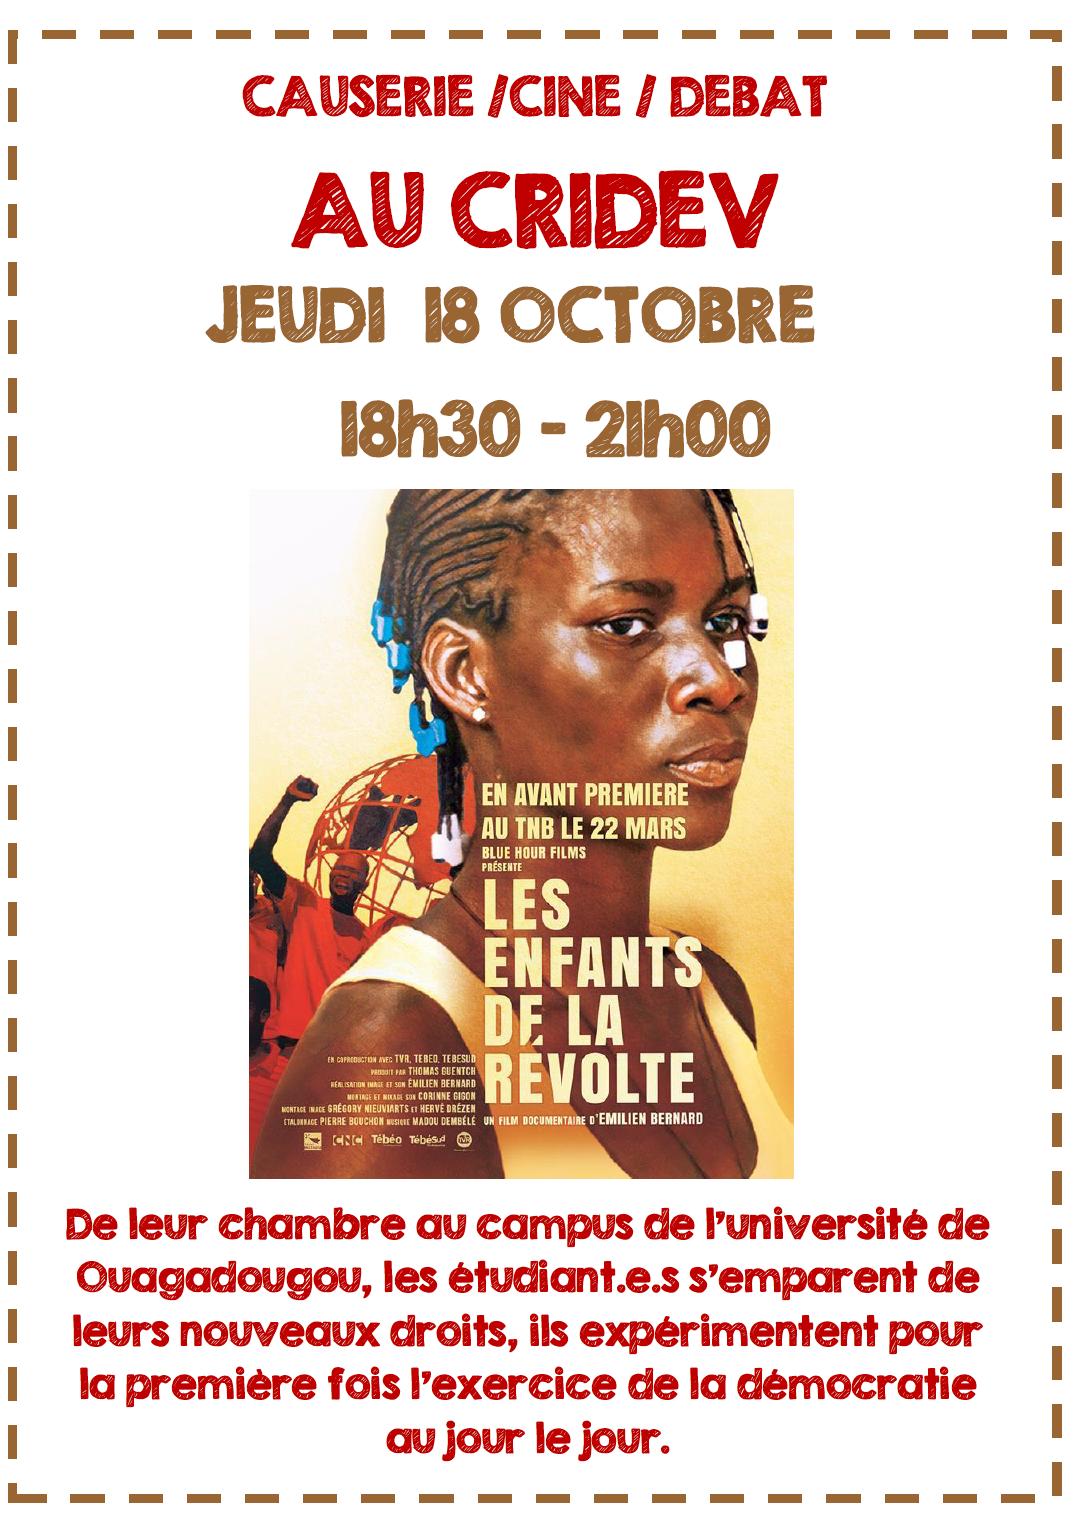 Soirée causerie/ciné/débat au CRIDEV@Rennes @ Rennes